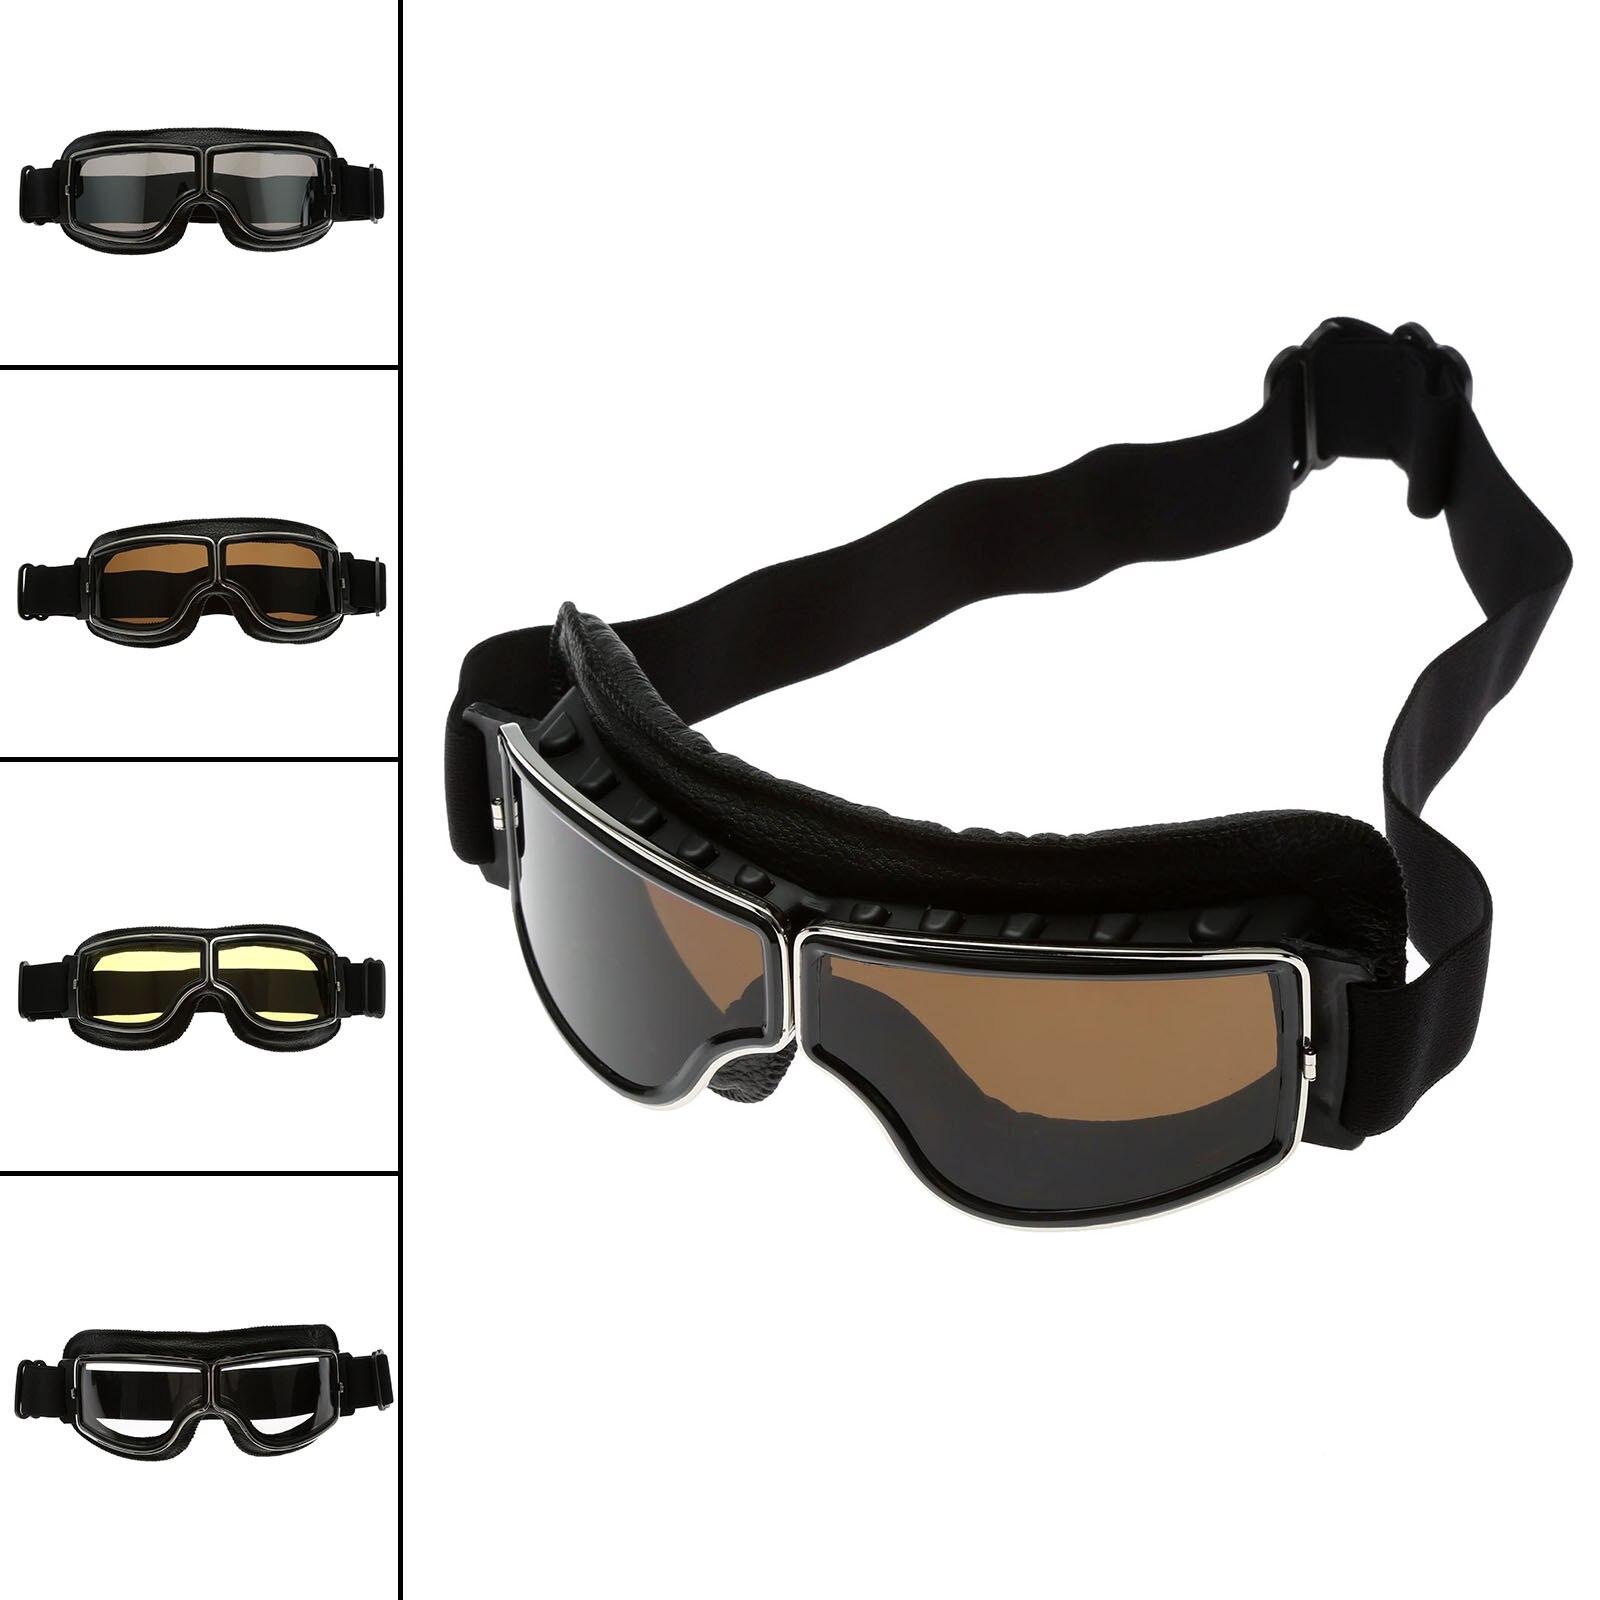 Retro Motorrad Brille Für Harley Motocross Helm Brille UV Schutz Ski Snowboard Skate Goggle Retro Brillen Objektiv Leder